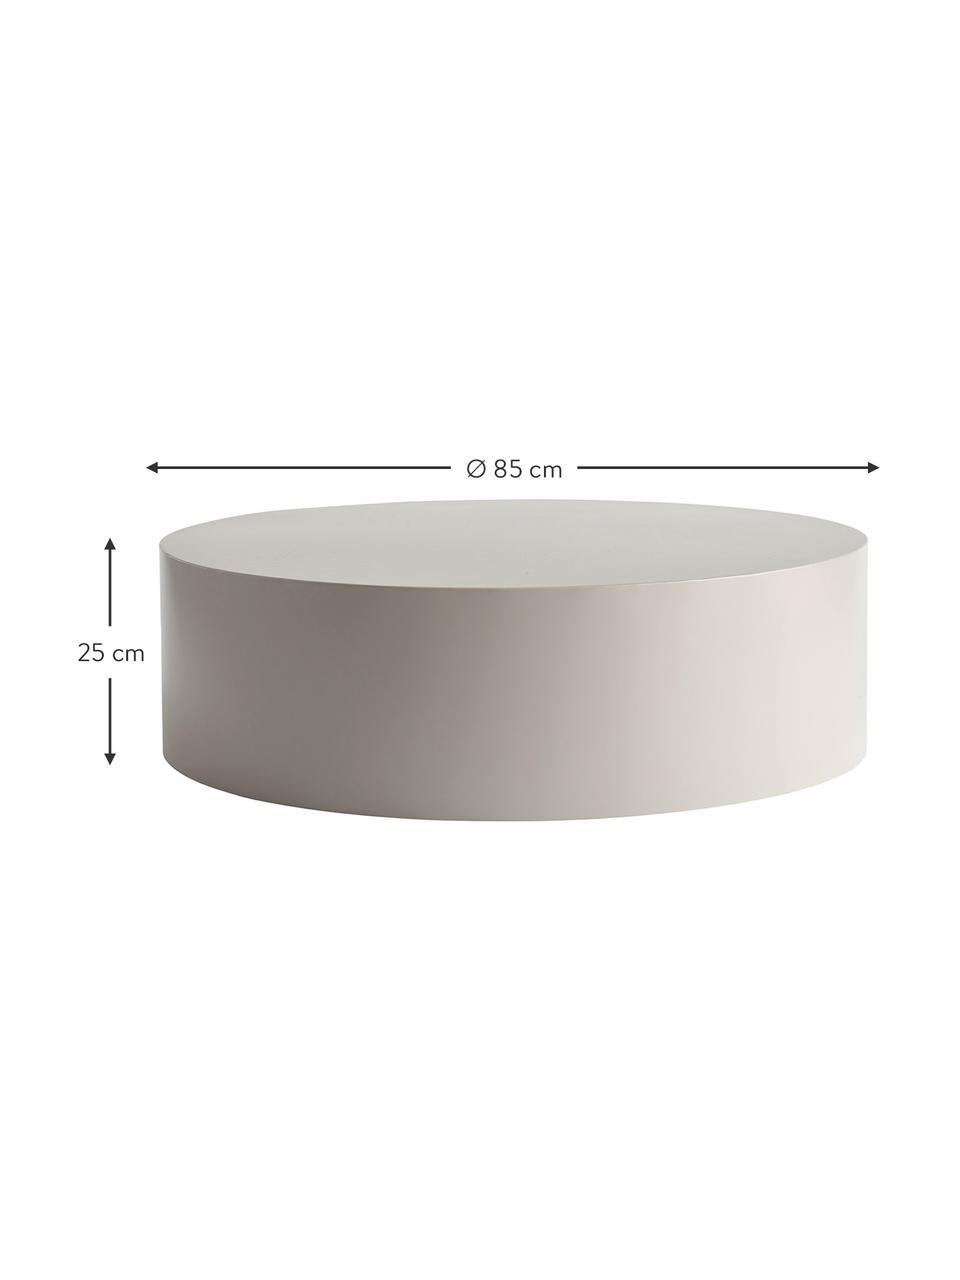 Tavolino rotondo da salotto in metallo grigio chiaro Metdrum, Metallo, Grigio chiaro, Ø 85 x Alt. 25 cm